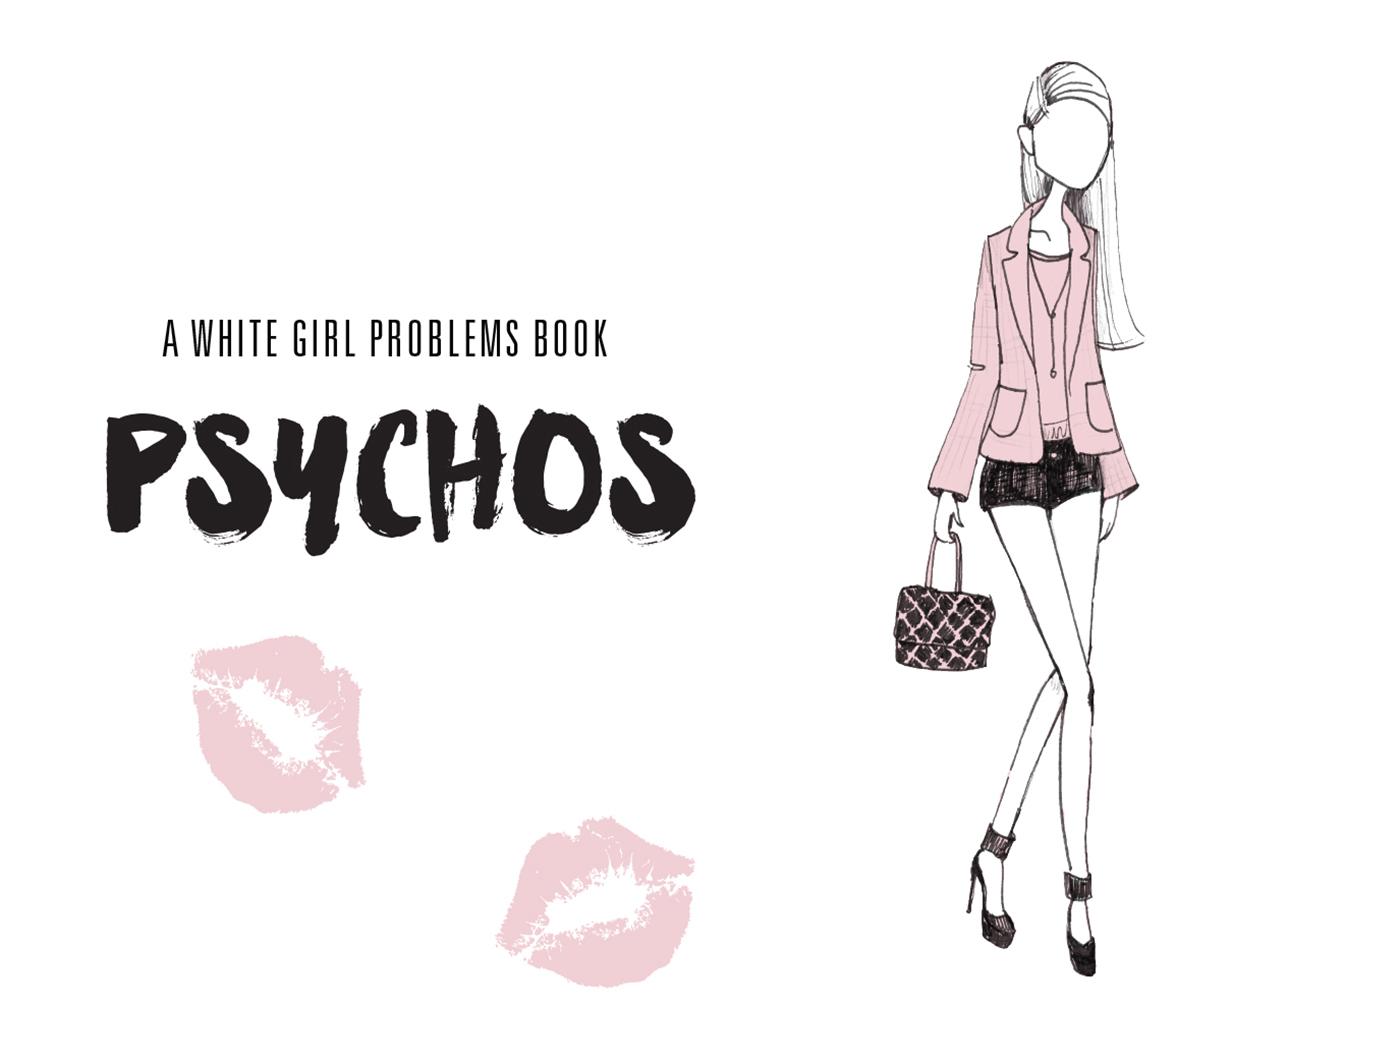 whitegirlproblems.jpg